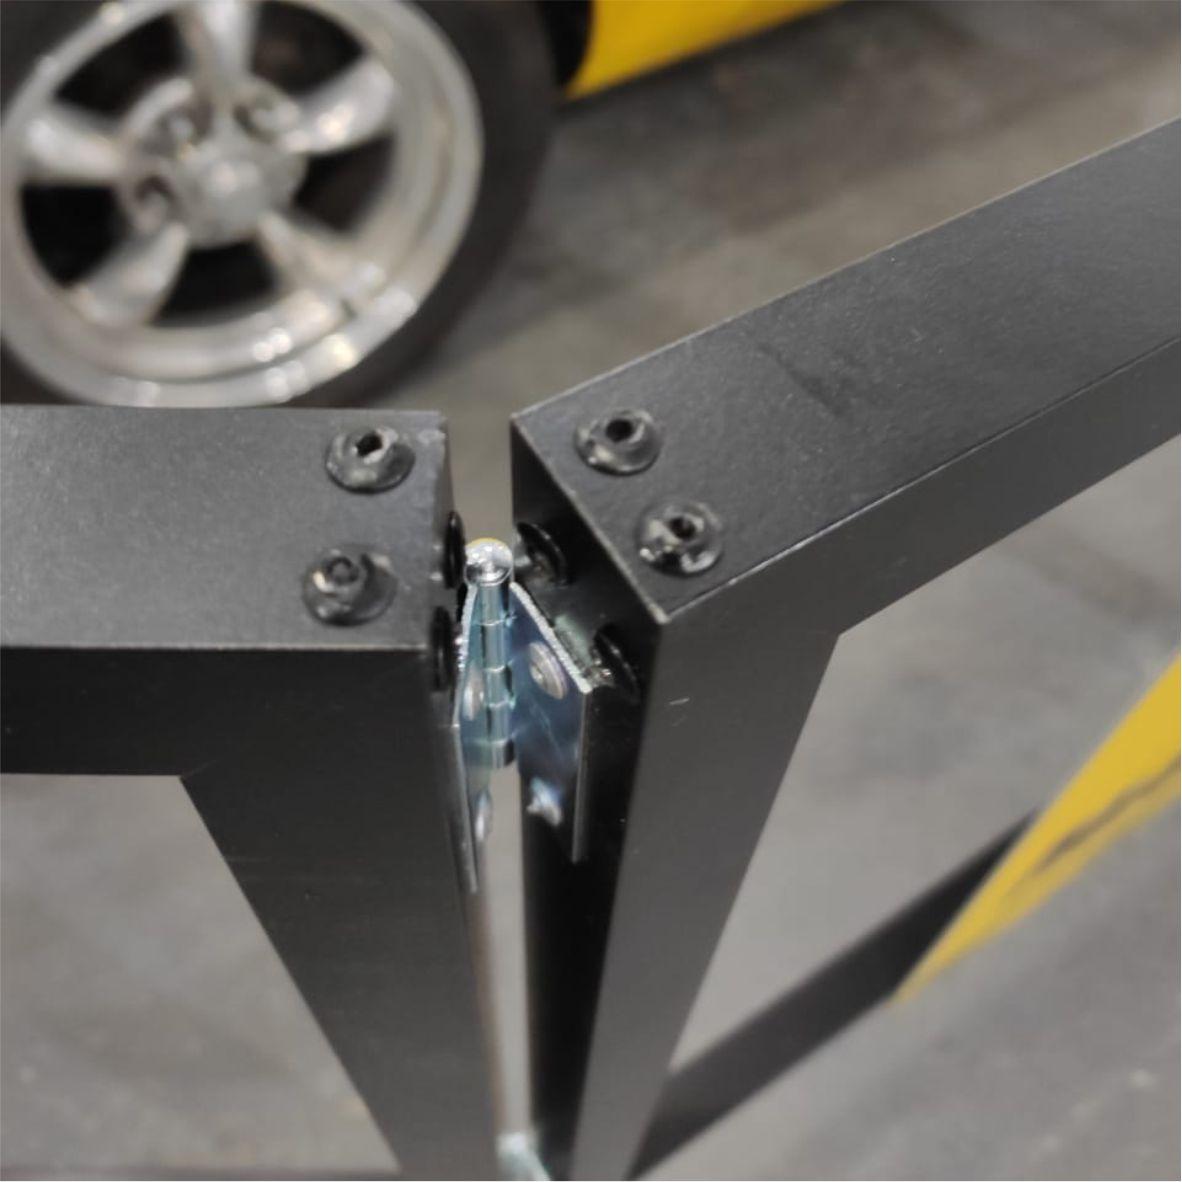 Cavalete biombo - Poço de elevador  - Towbar Sinalização de Segurança